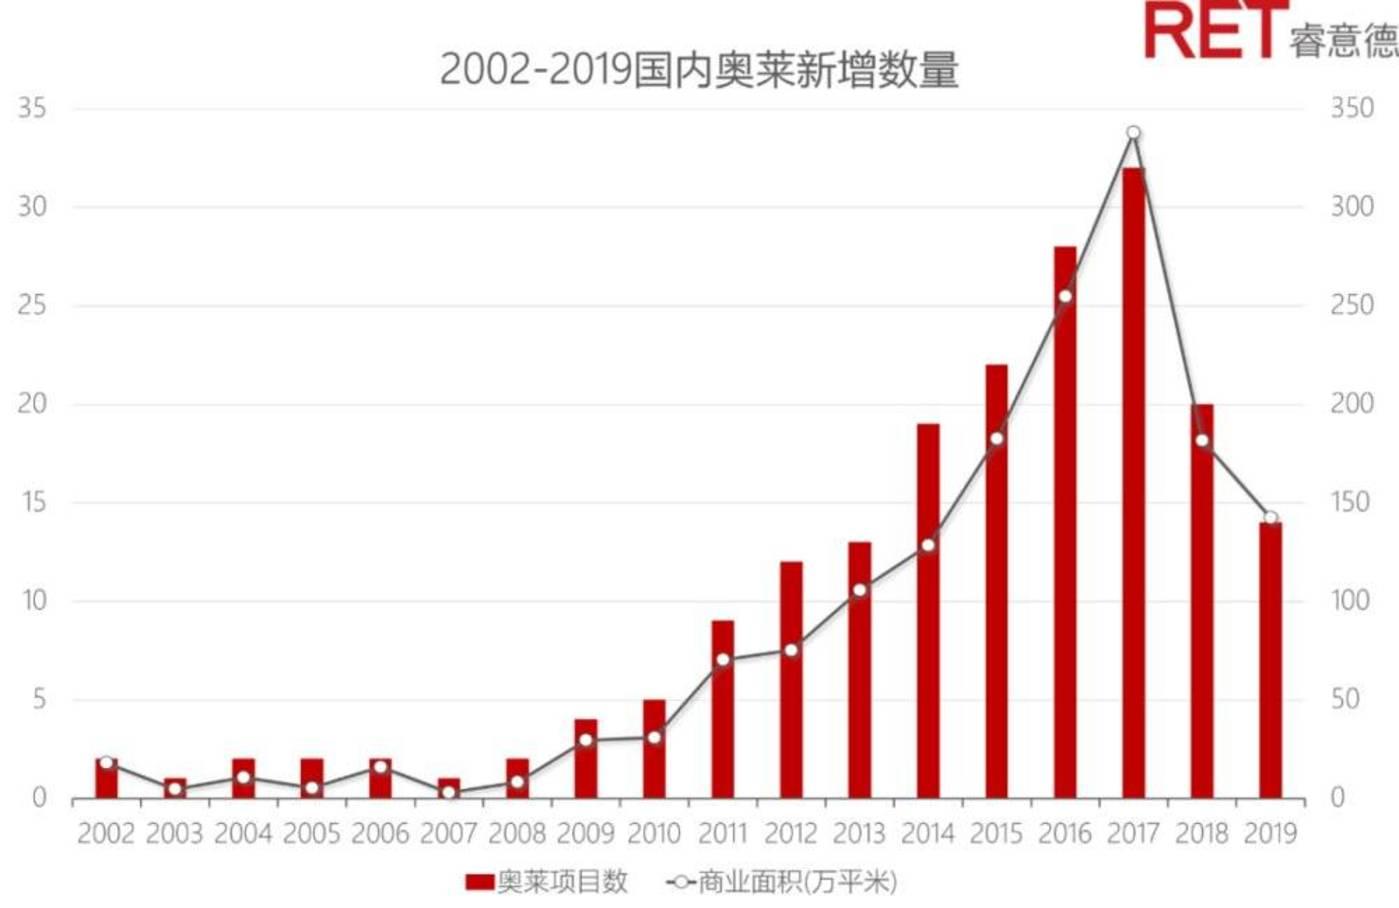 资料来源:RET睿意德中国商业地产研究中心